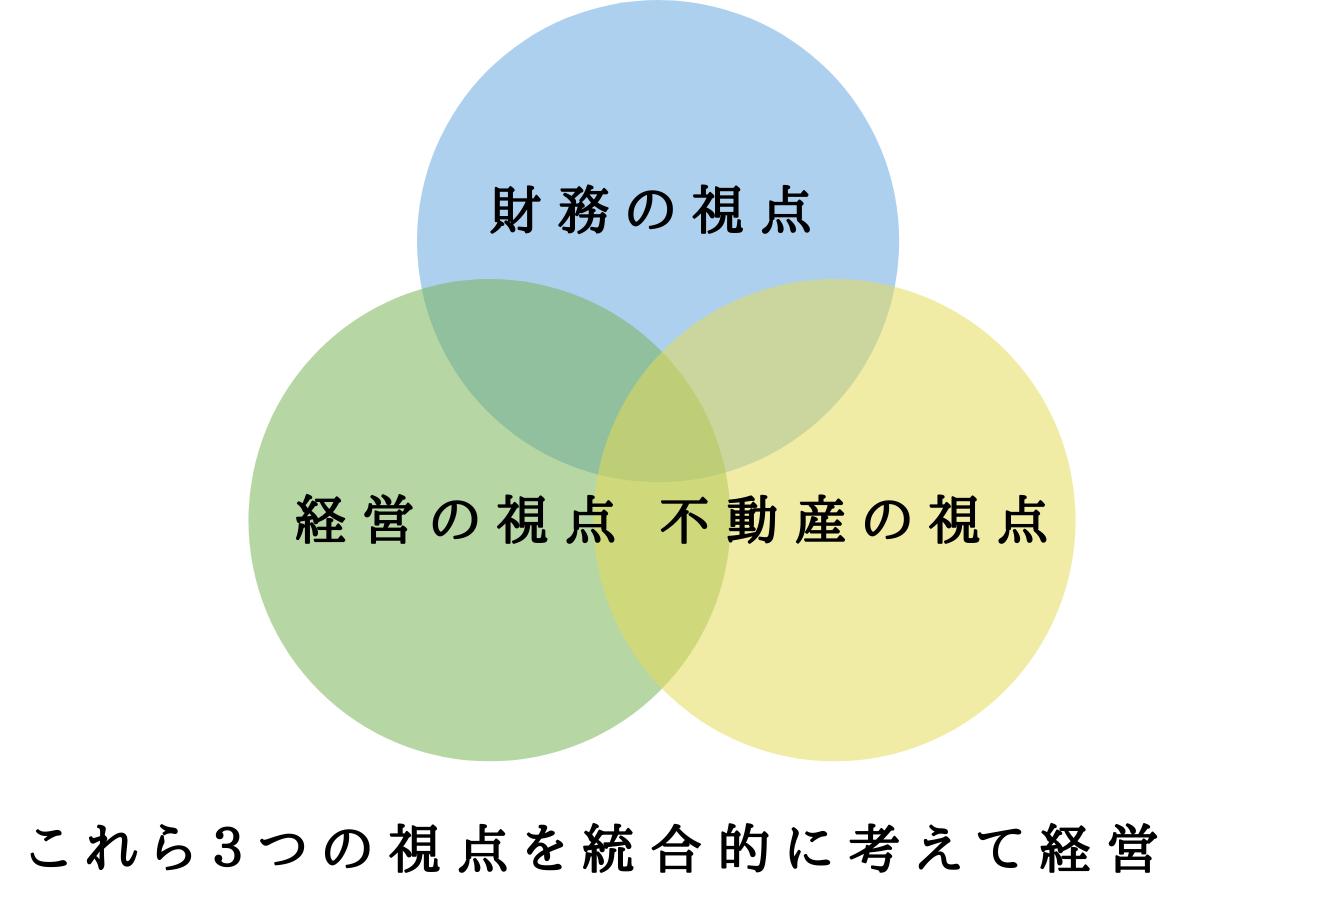 CRE戦略で重要な「3つの視点」